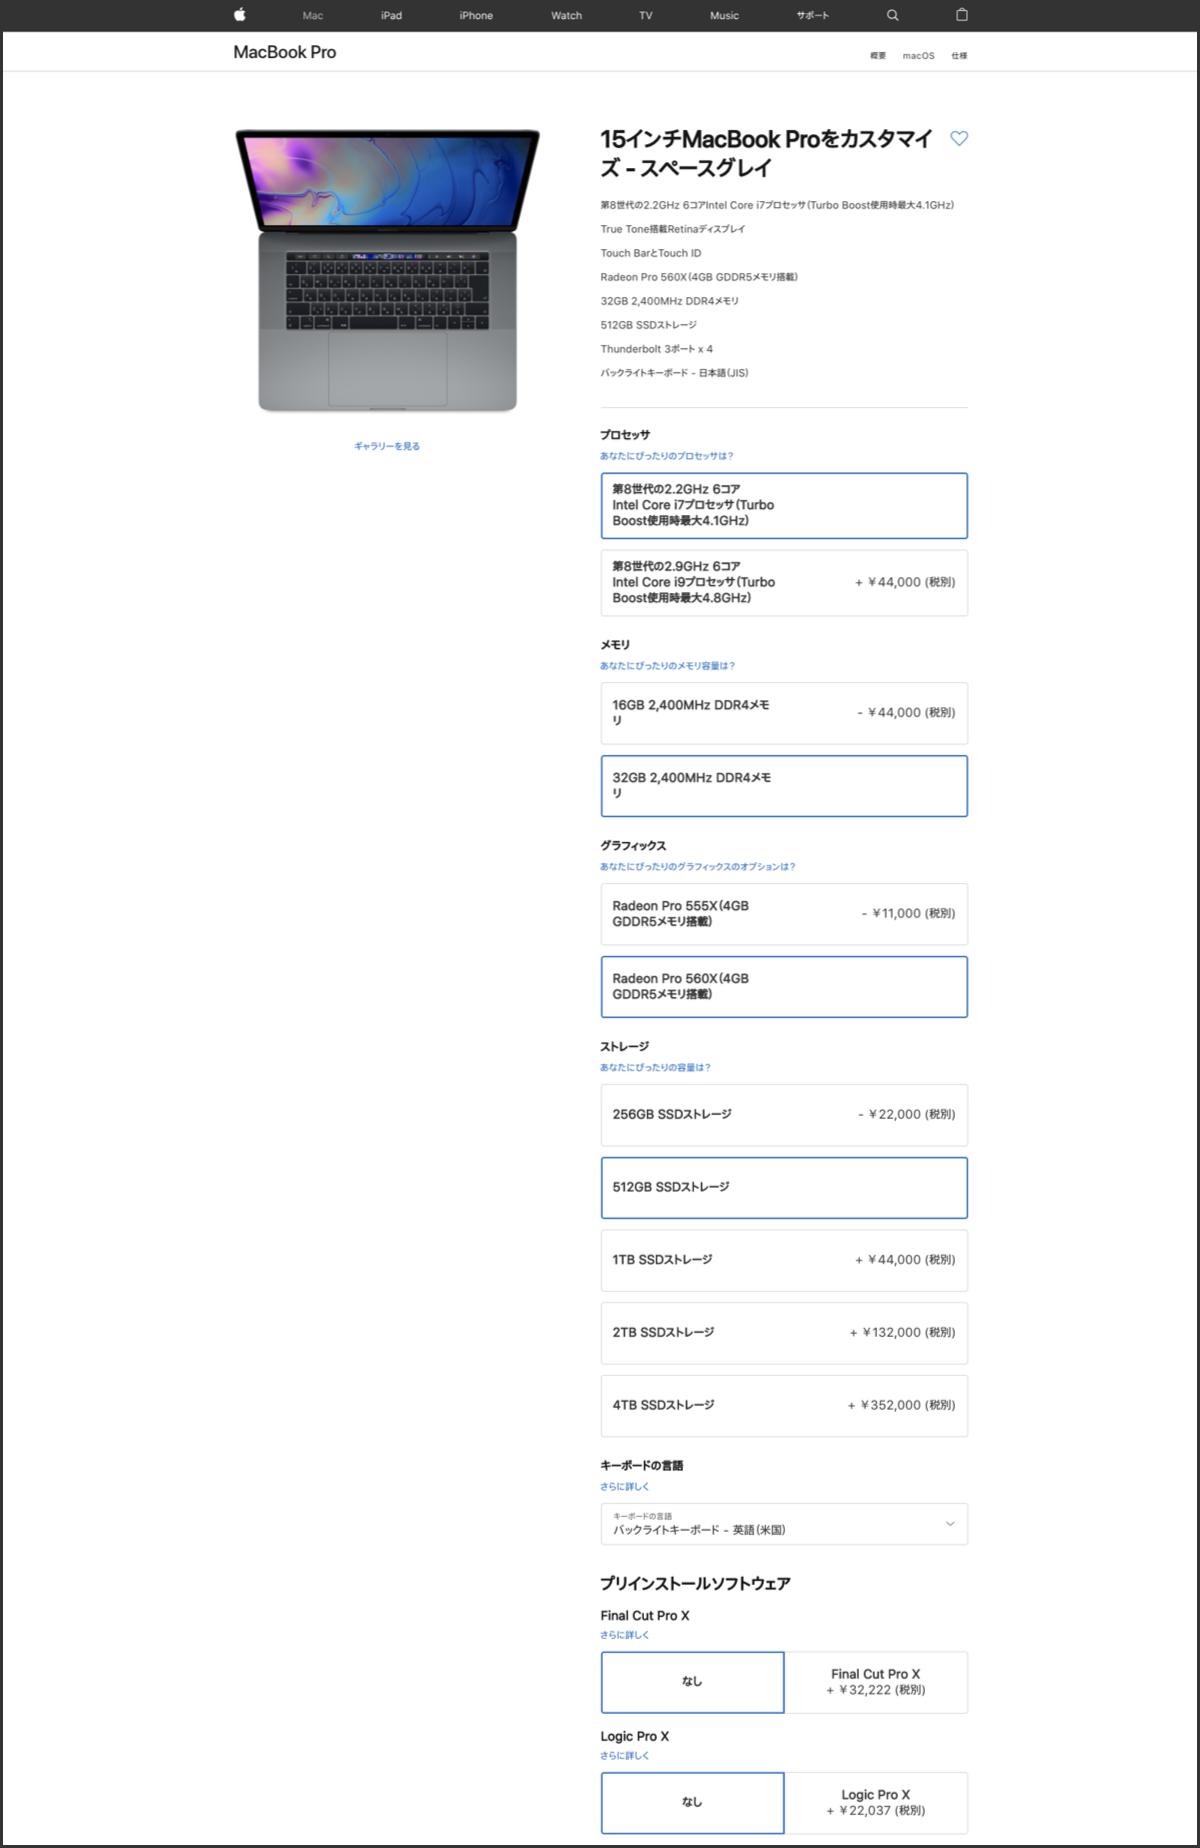 MacBook ProのBTO画面。ポイントはCPUの優先度は低く、GPUとメモリの優先順位高くしてあるところ。ストレージは容量によって性能差がある場合があるがそれほど気にせずてチョイスすればいい。